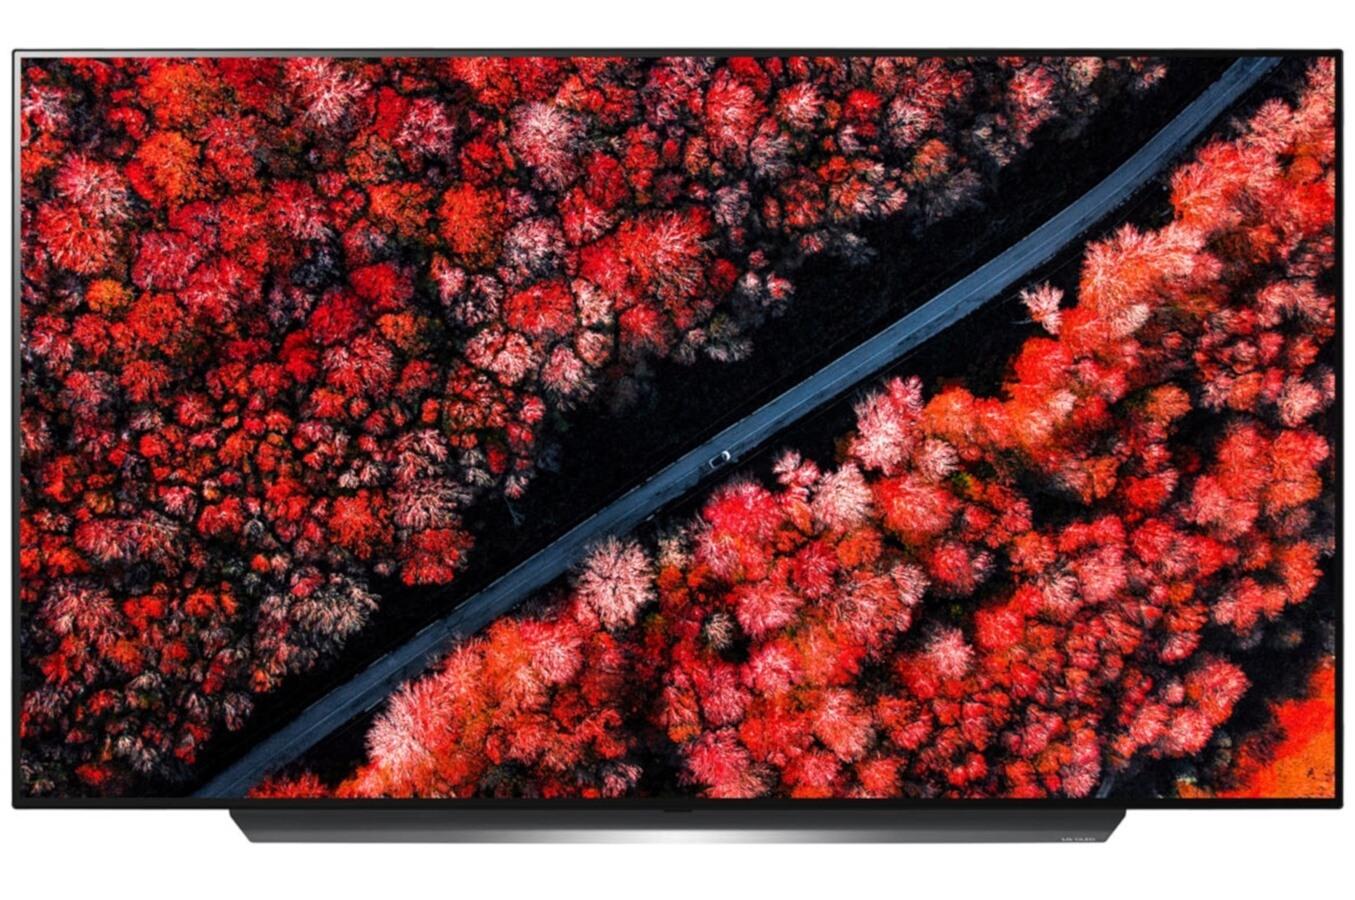 La TV OLED LG C9 55'' à 1799 €